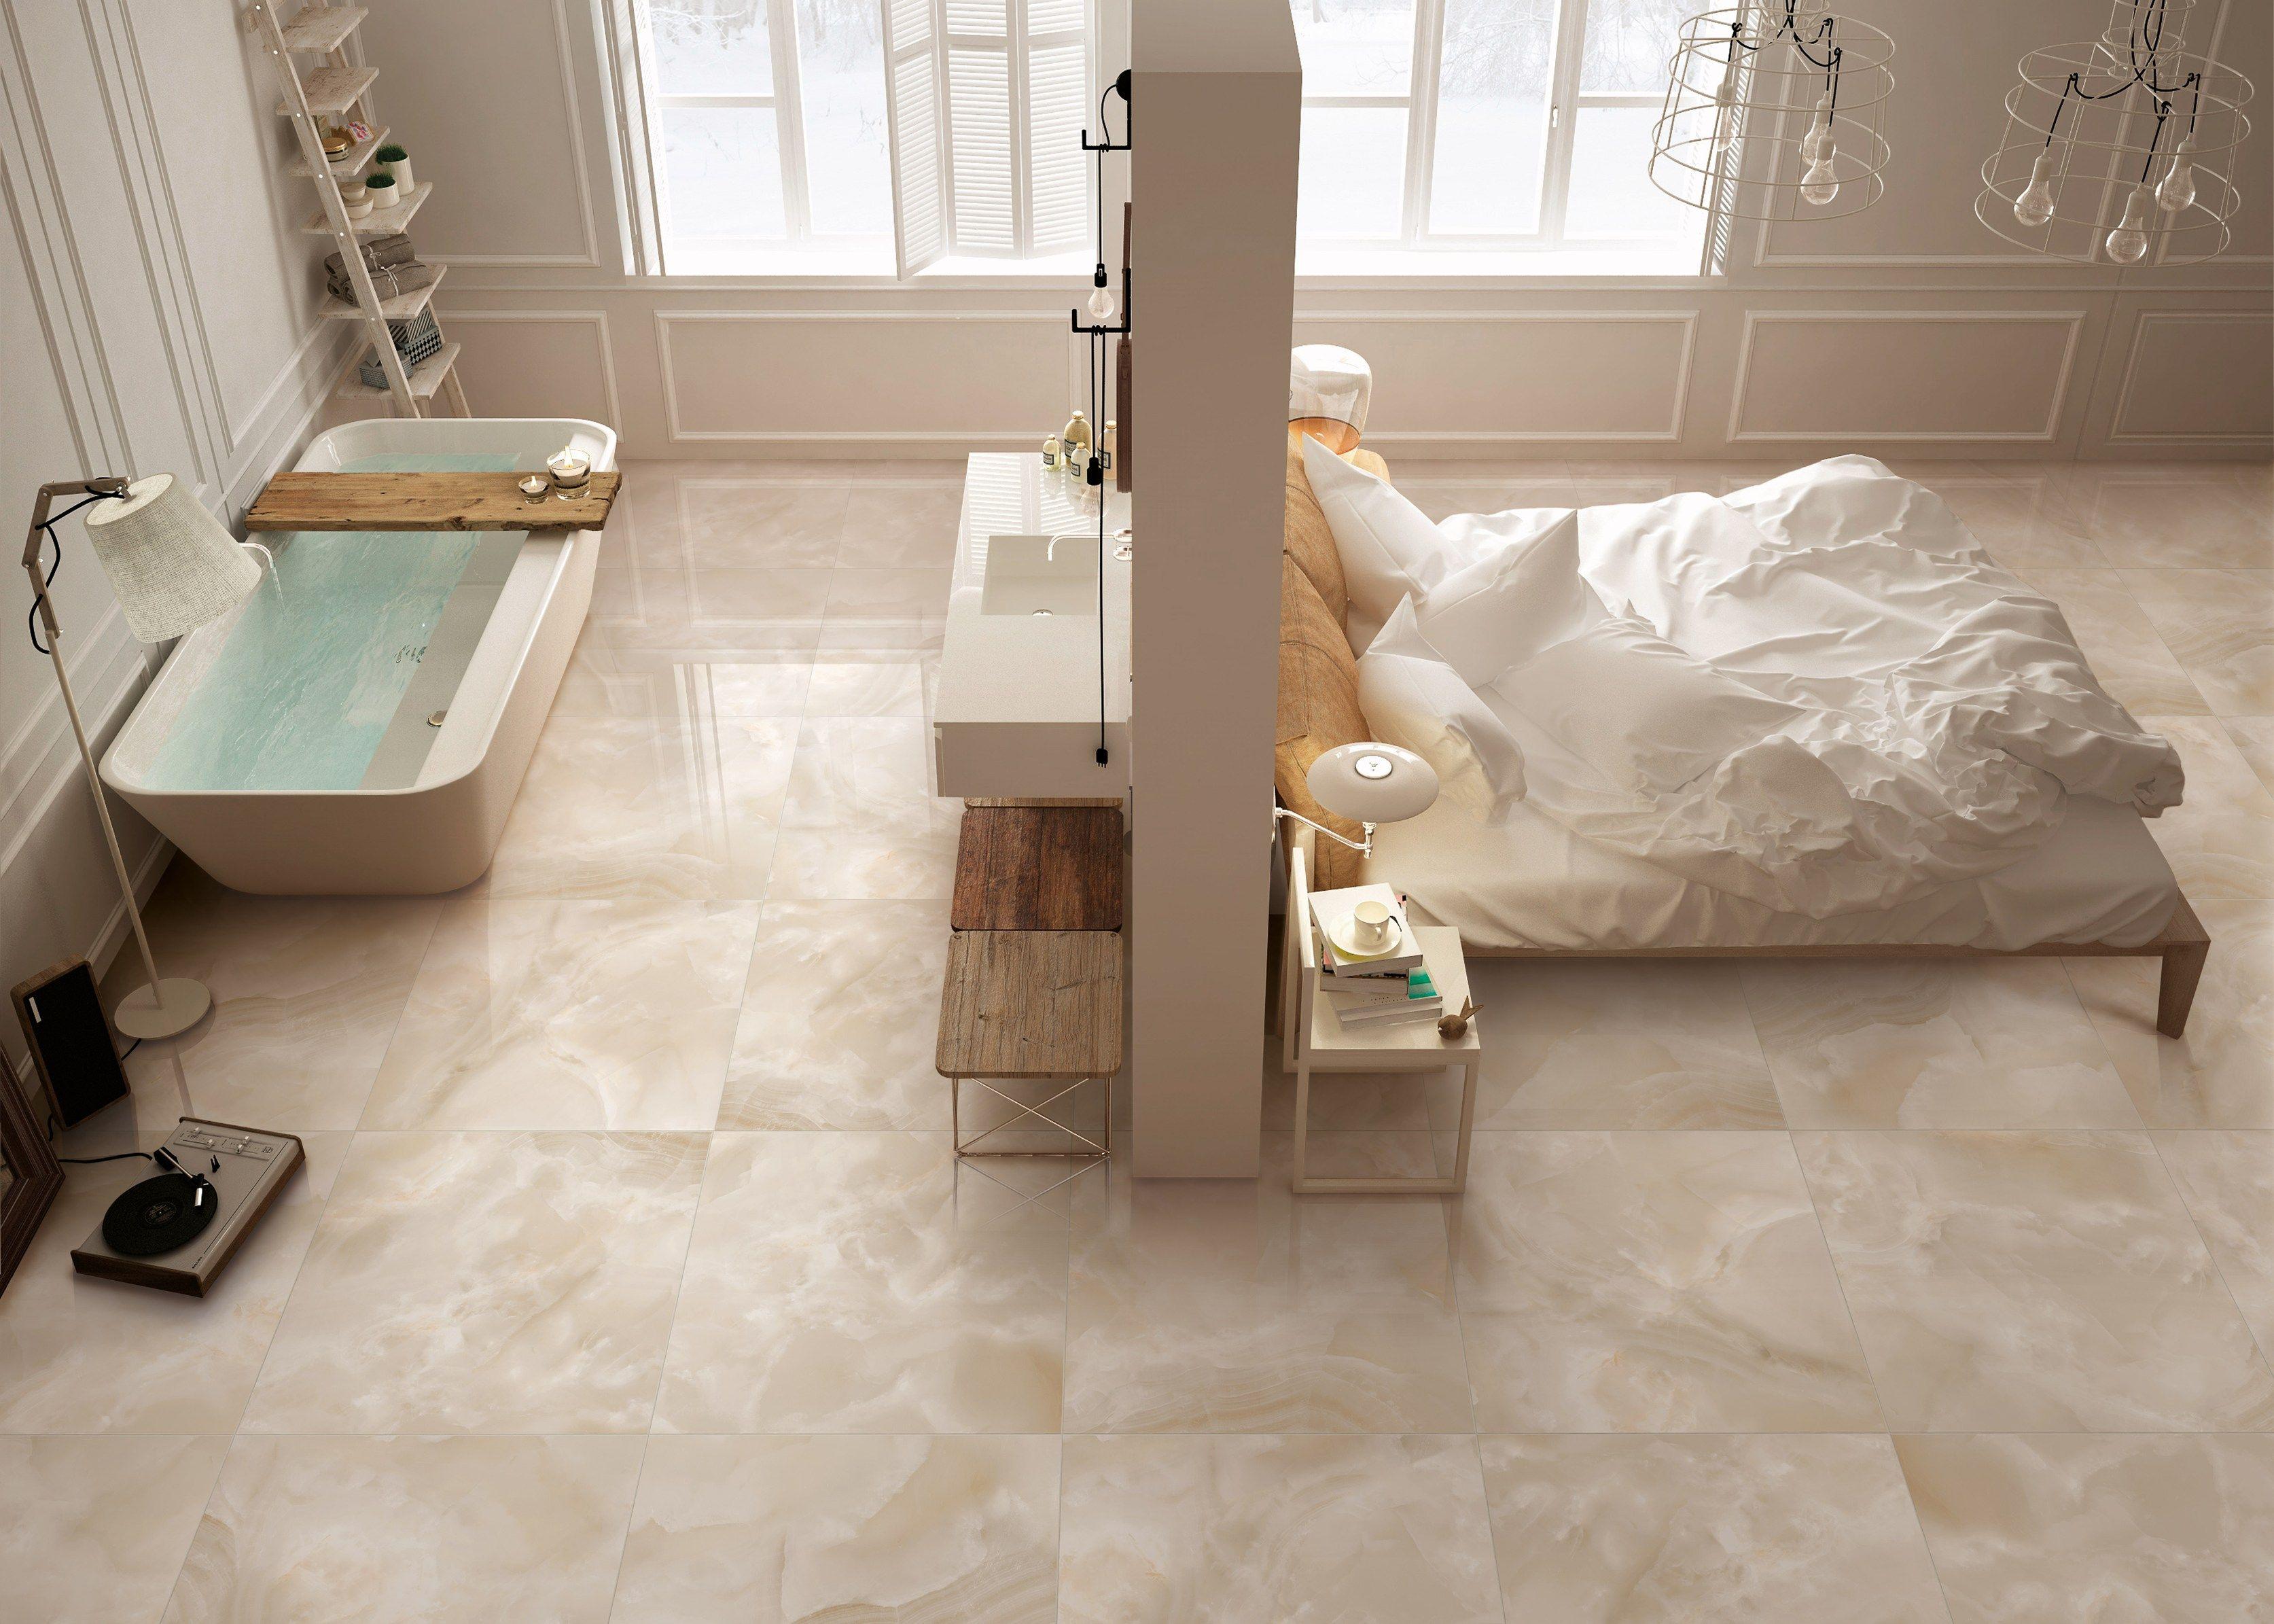 Pavimento In Gres Porcellanato Effetto Marmo Luxury By